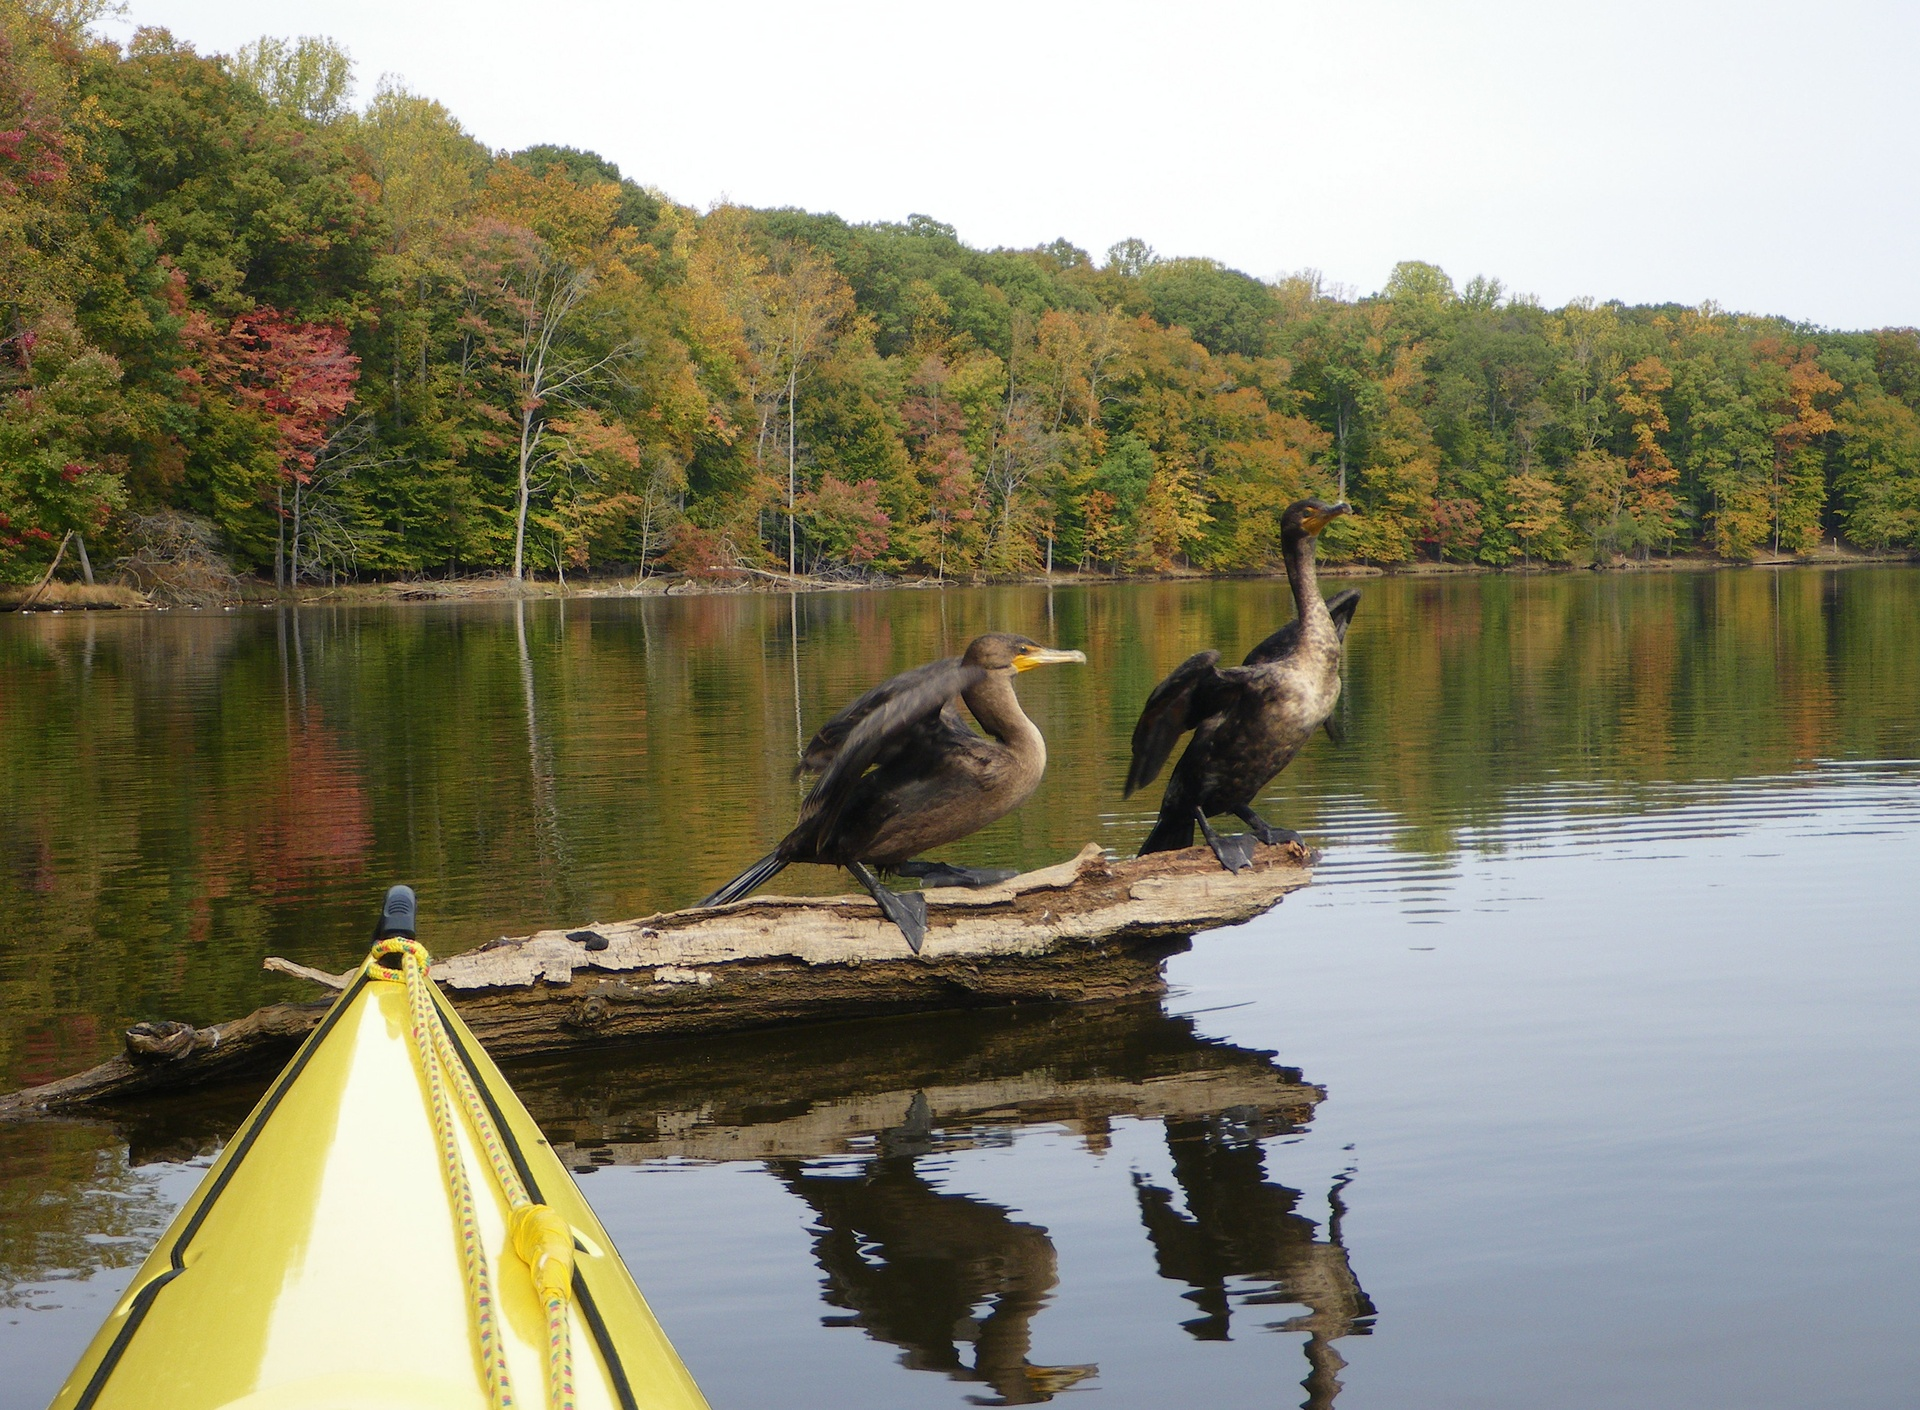 Cormorants - Occoquan Reservoir